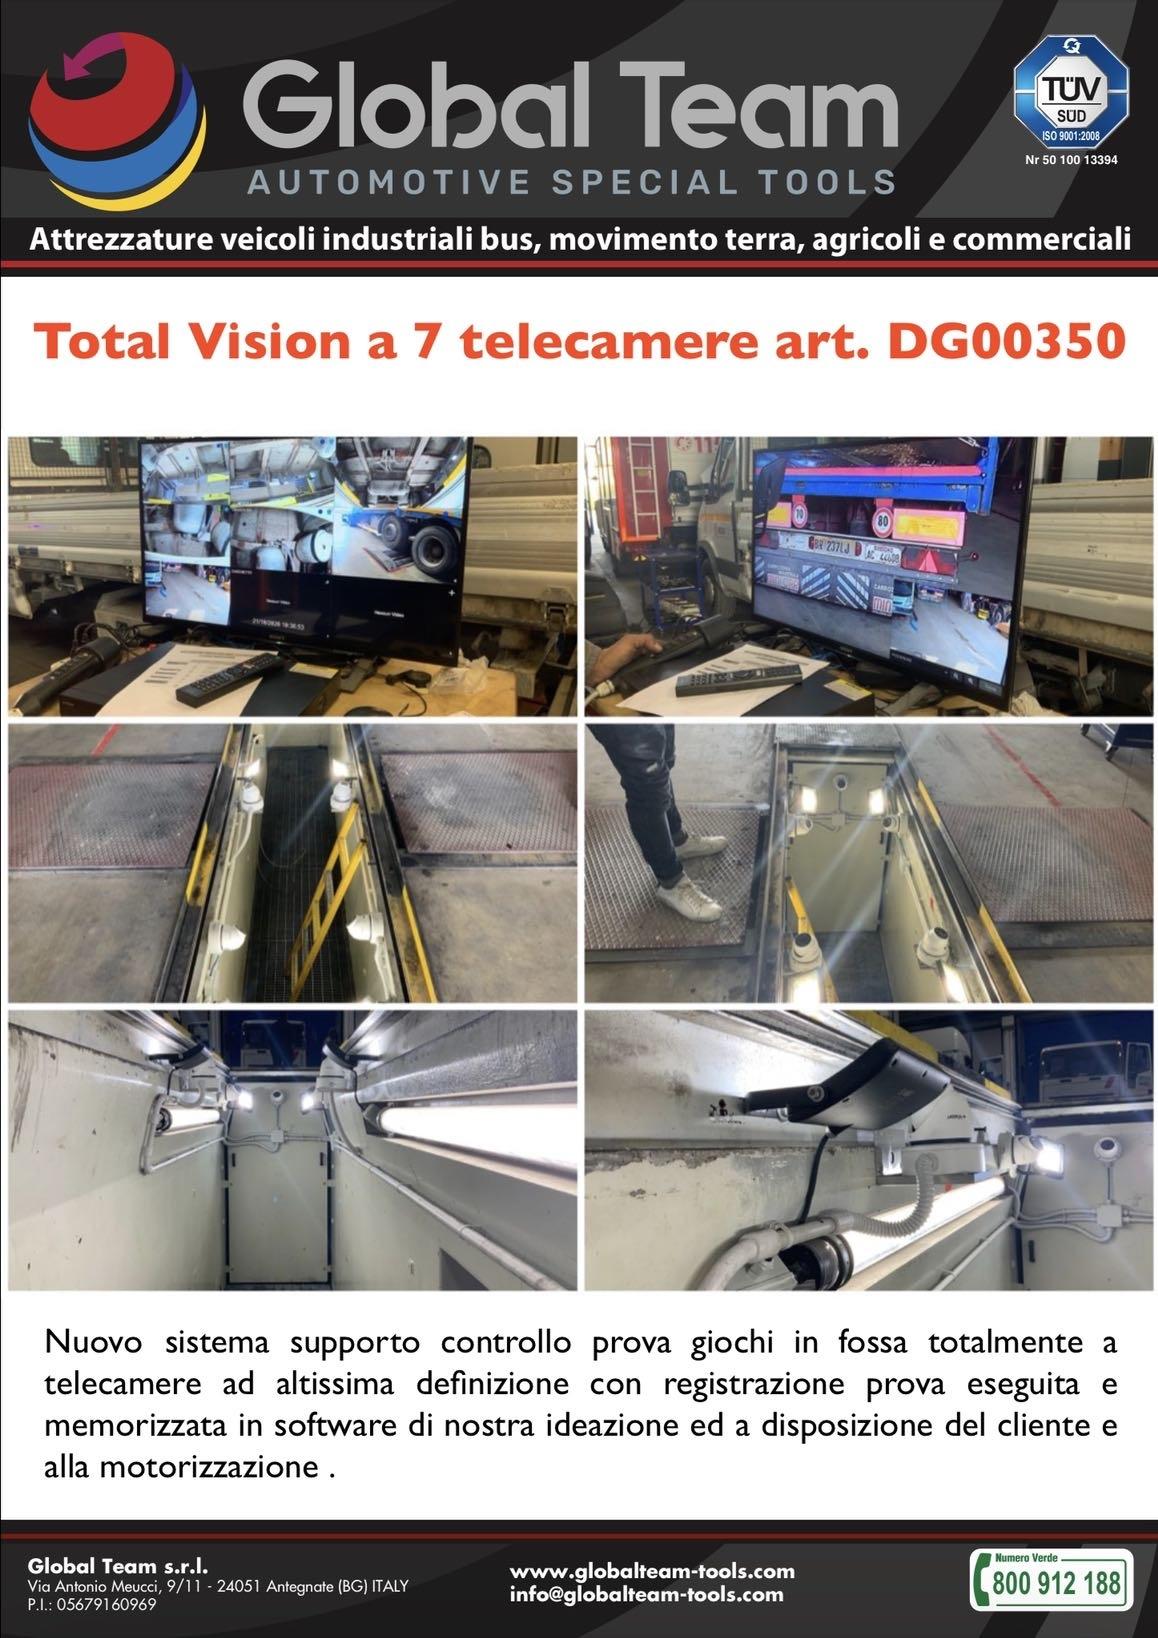 Sistema a multi telecamere per la visualizzazione prova con prova giochi e la sua archiviazione in modalità elettronica utile per contestazioni e registrazioni utilizzabili per la motorizzazione .